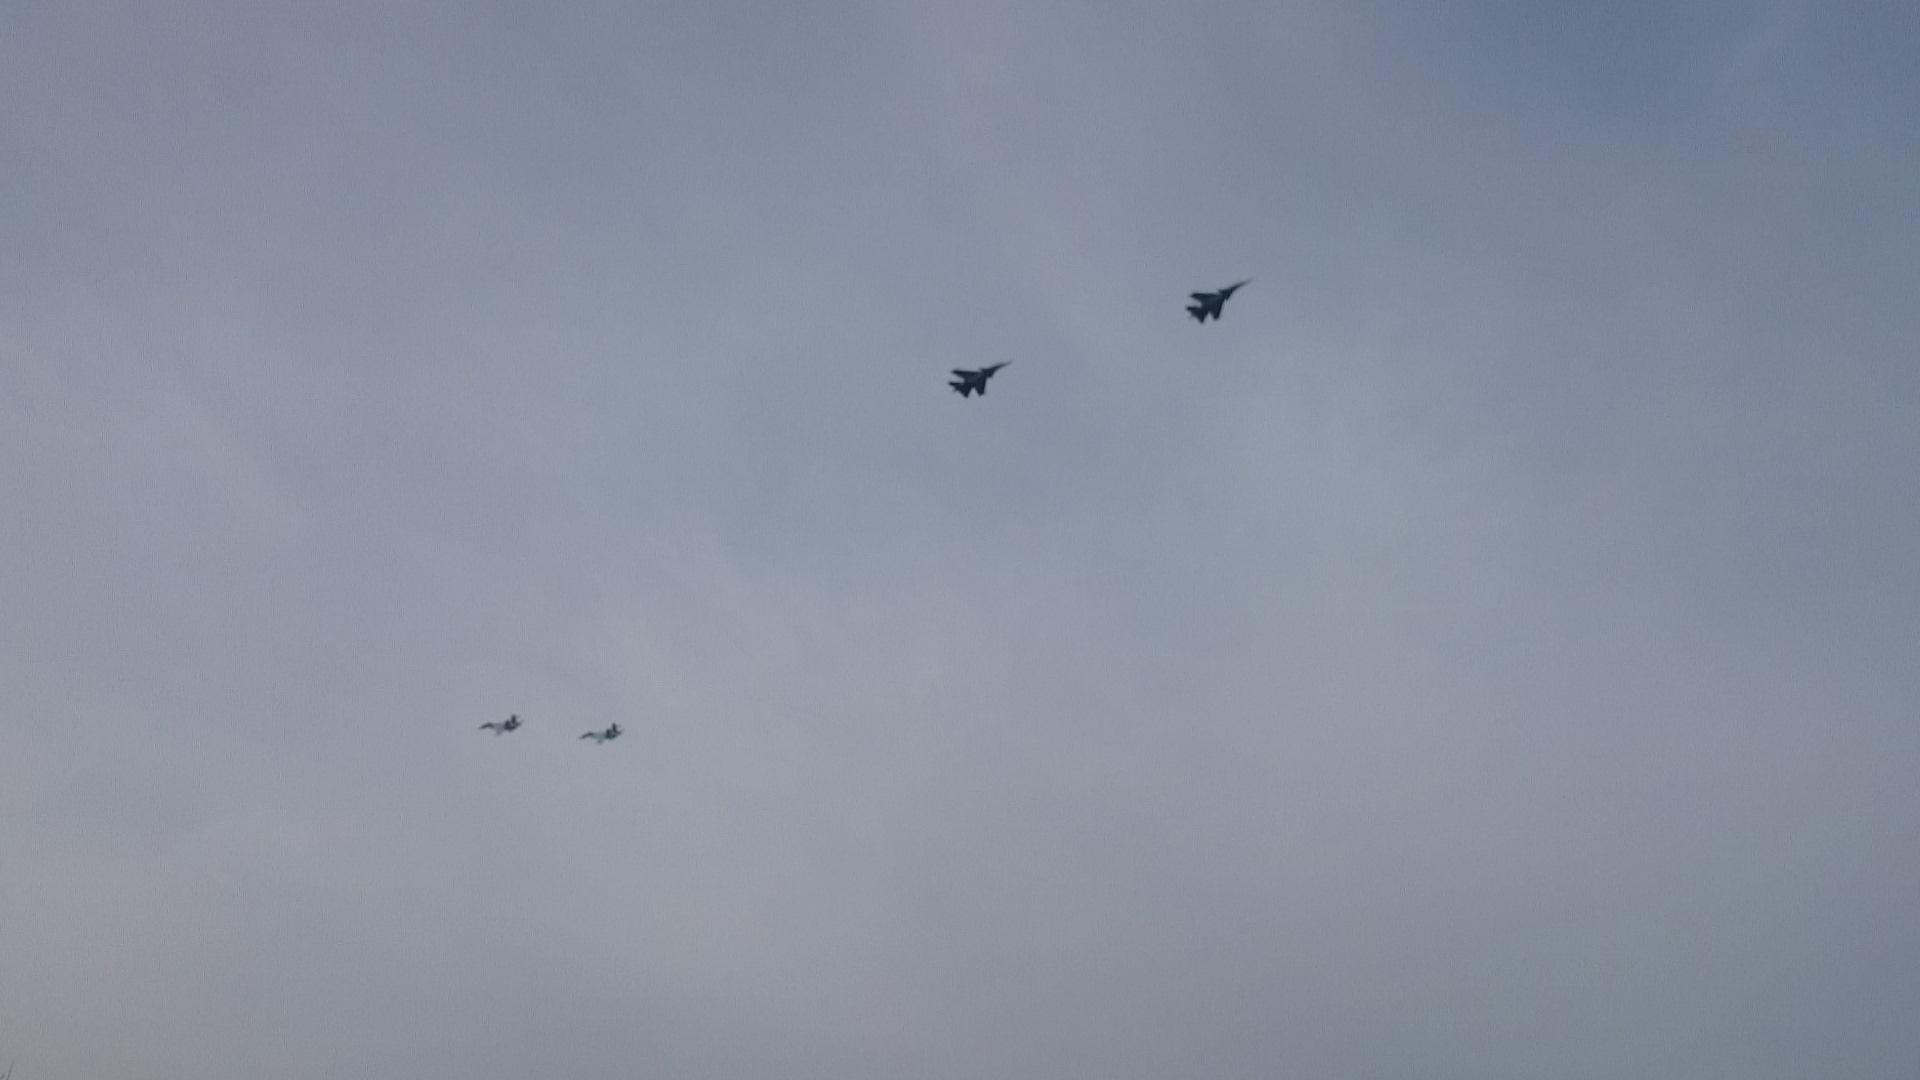 Красноярск Авиашоу над городом Две пары Су - 30 Фигура схождение навстречу друг другу._25.10.2014г